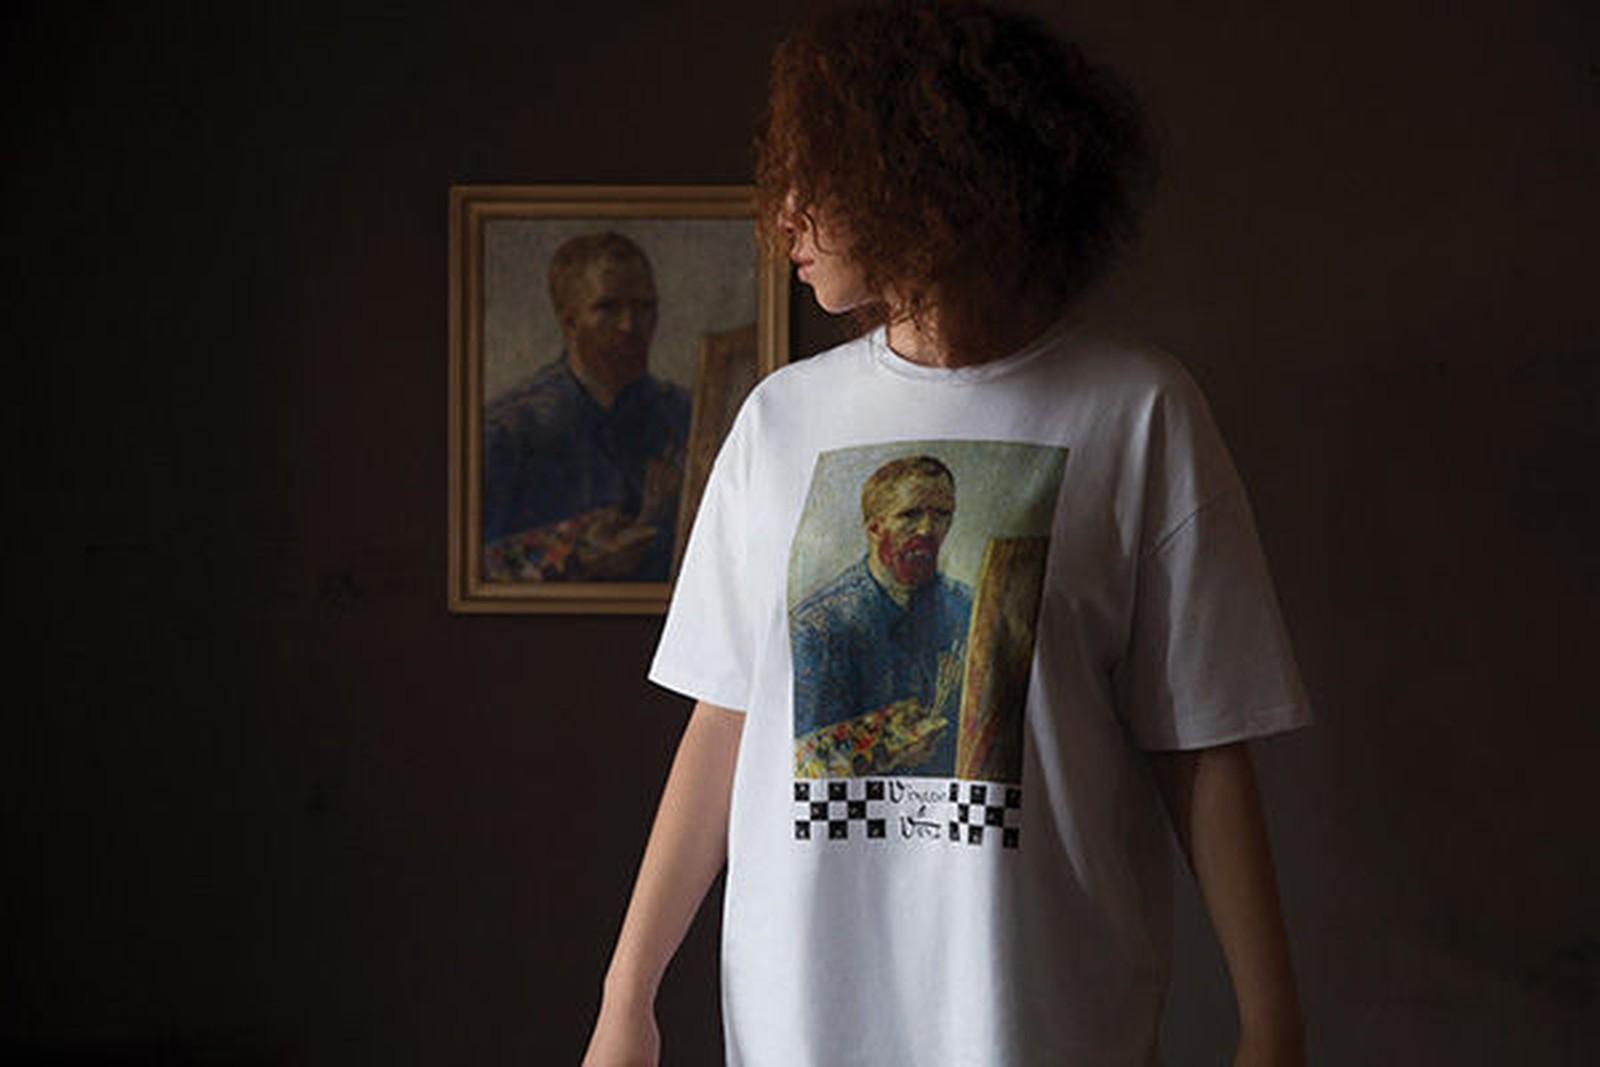 Obras clássicas do pintor Vincent van Gogh (1853-1890) estampam roupas e  sapatos em uma parceria entre o Museu Van Gogh 810a4ee83737b